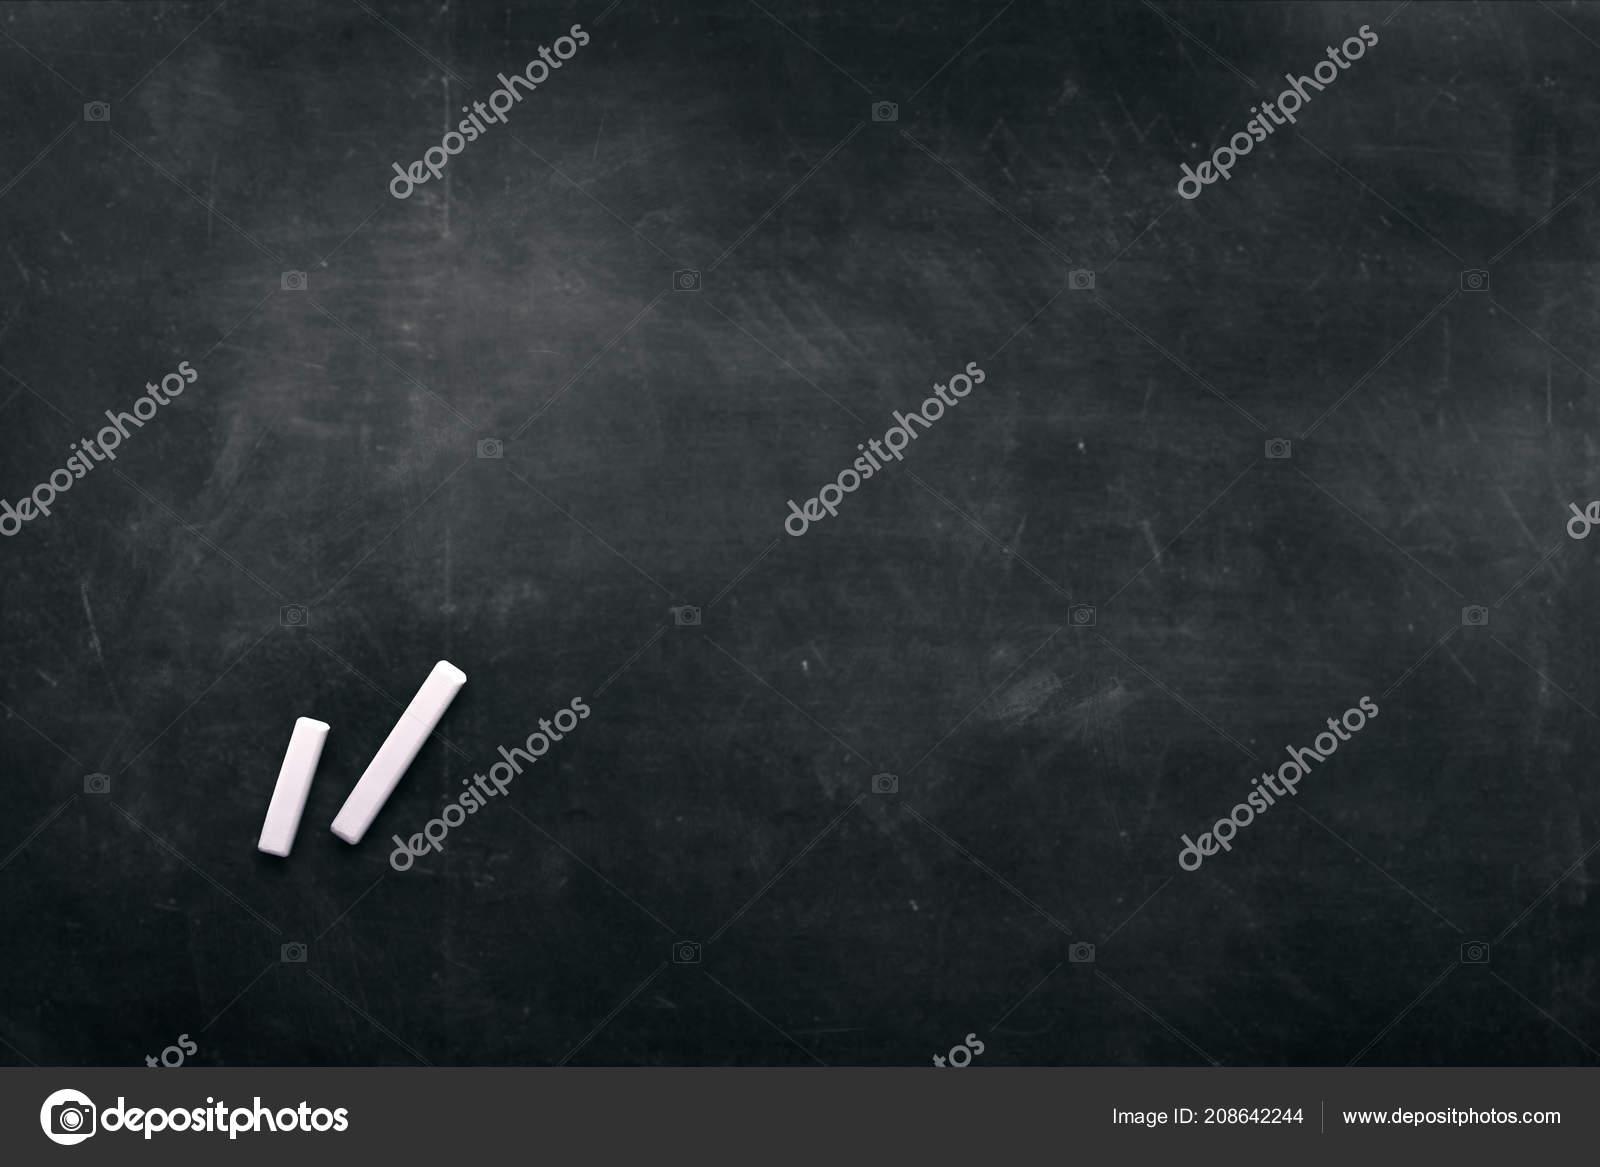 Chambre Sombre Avec Des Crayons Couleurs Pour Dessin Espace ...